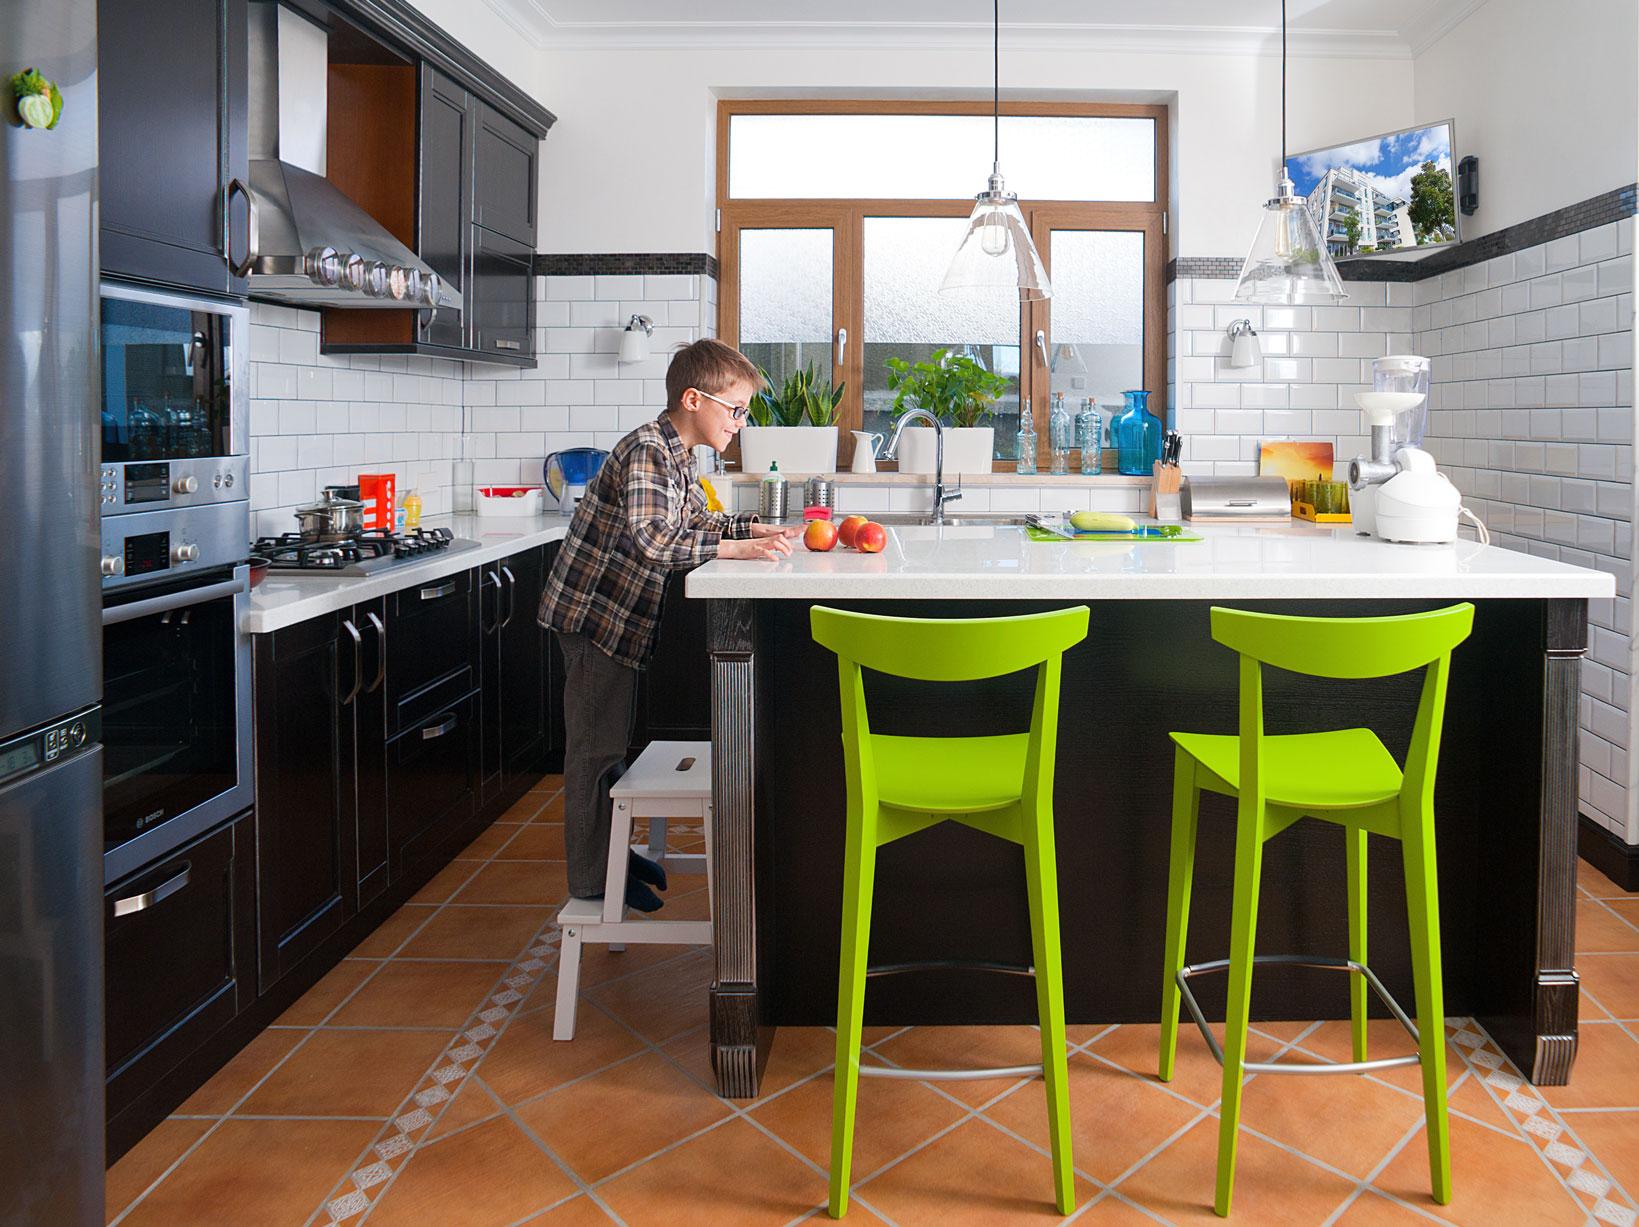 homeway Multimedia-Anwendung in der Küche